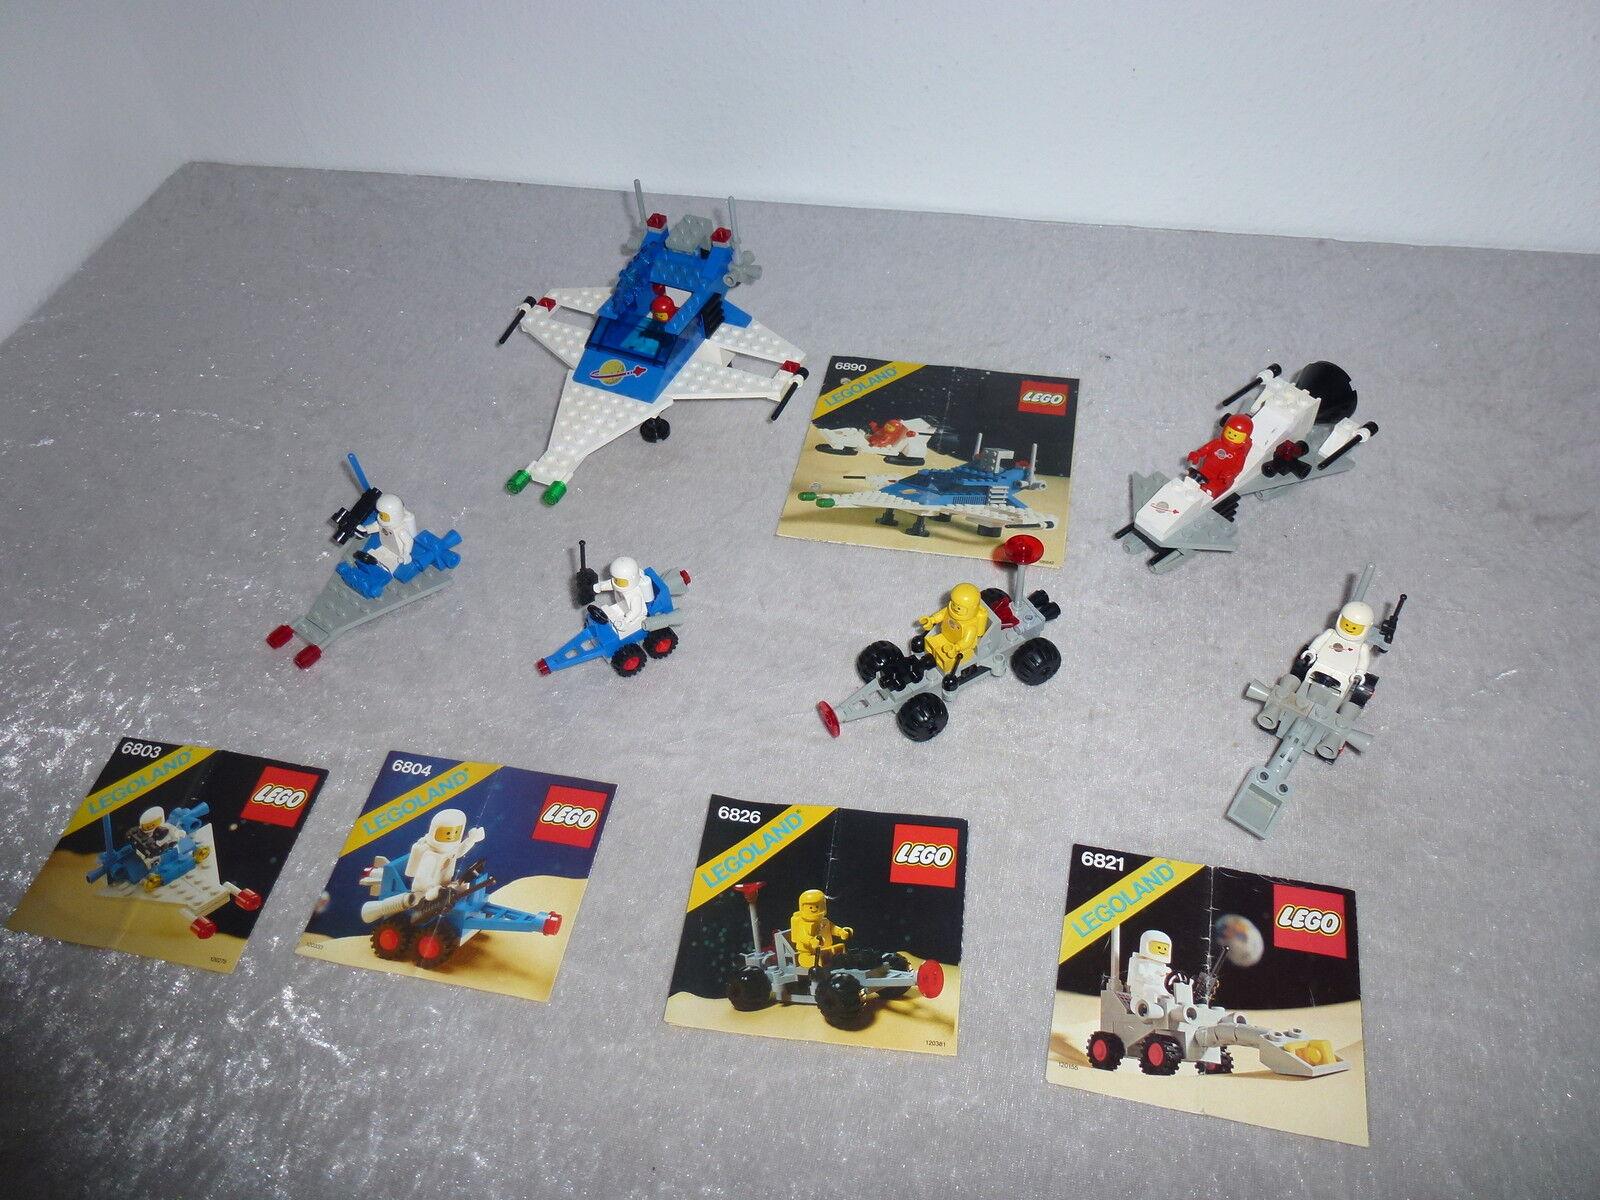 Lego 6890+6821+6803+6826+6804+oba  RARE  de  l'année 1980 85 (7)  nouveau sadie